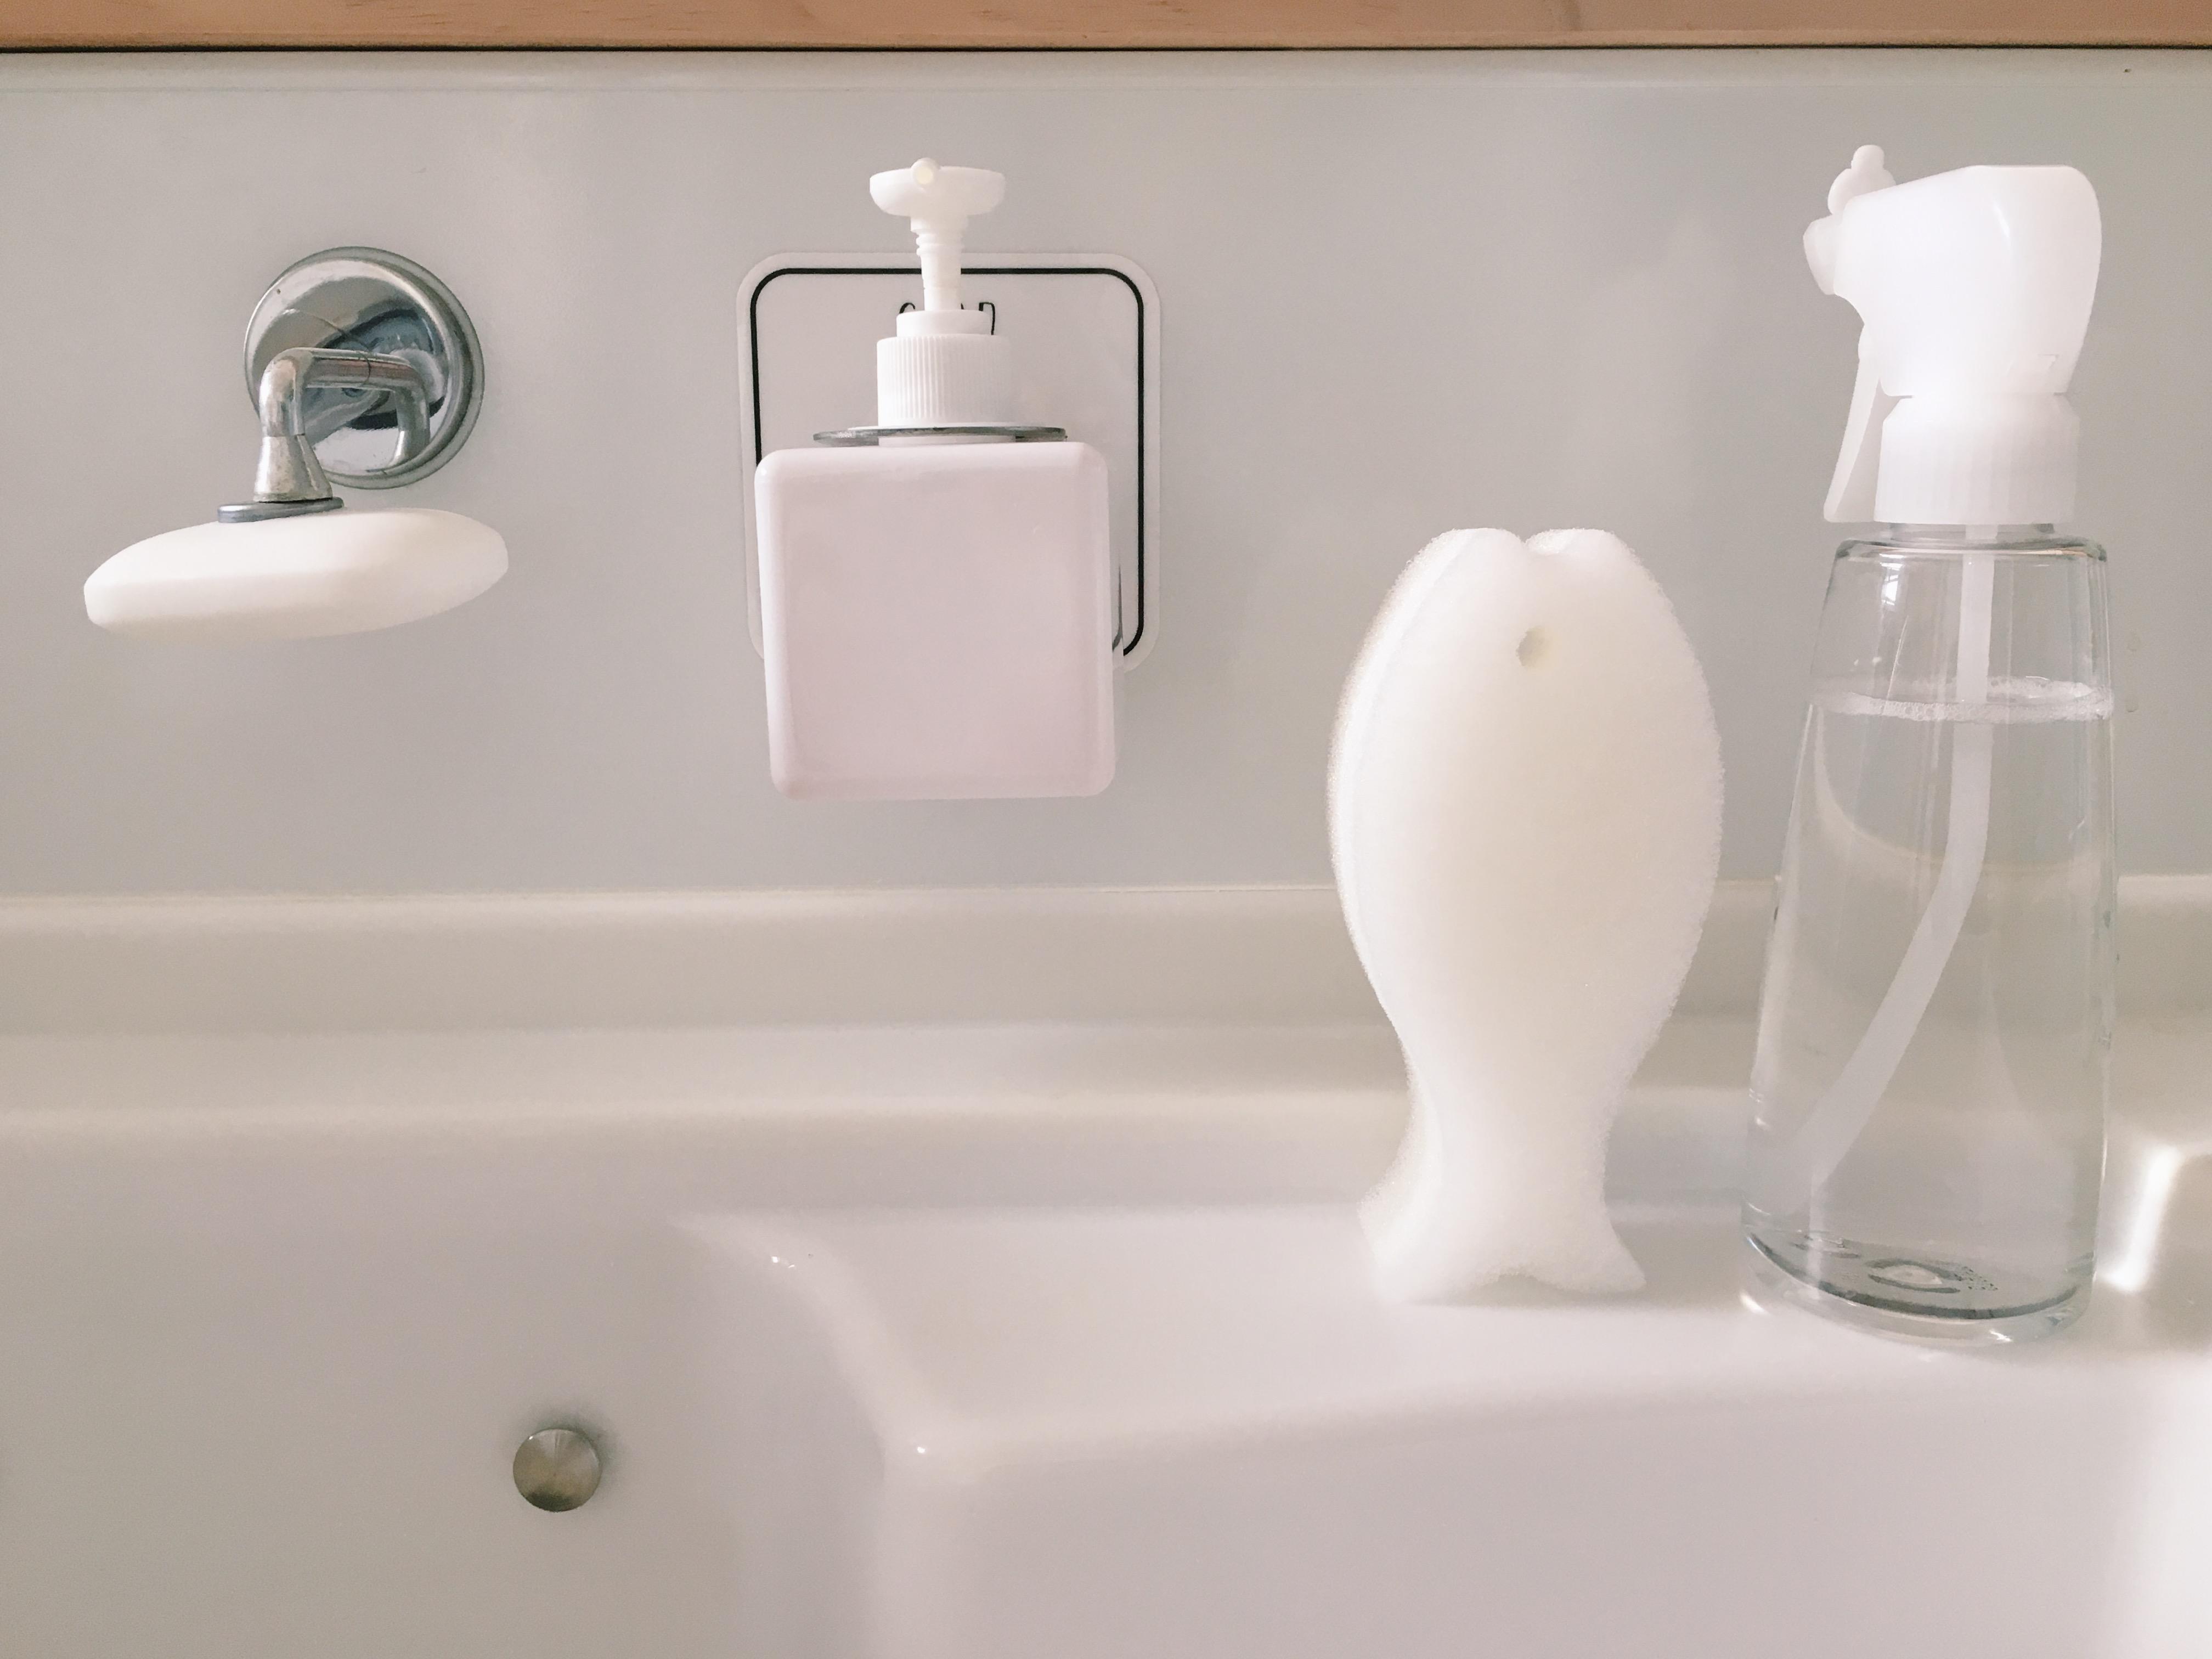 【浮かせる収納】石けんと洗剤を浮かせて収納。キッチンのシンク周りを掃除しやすく